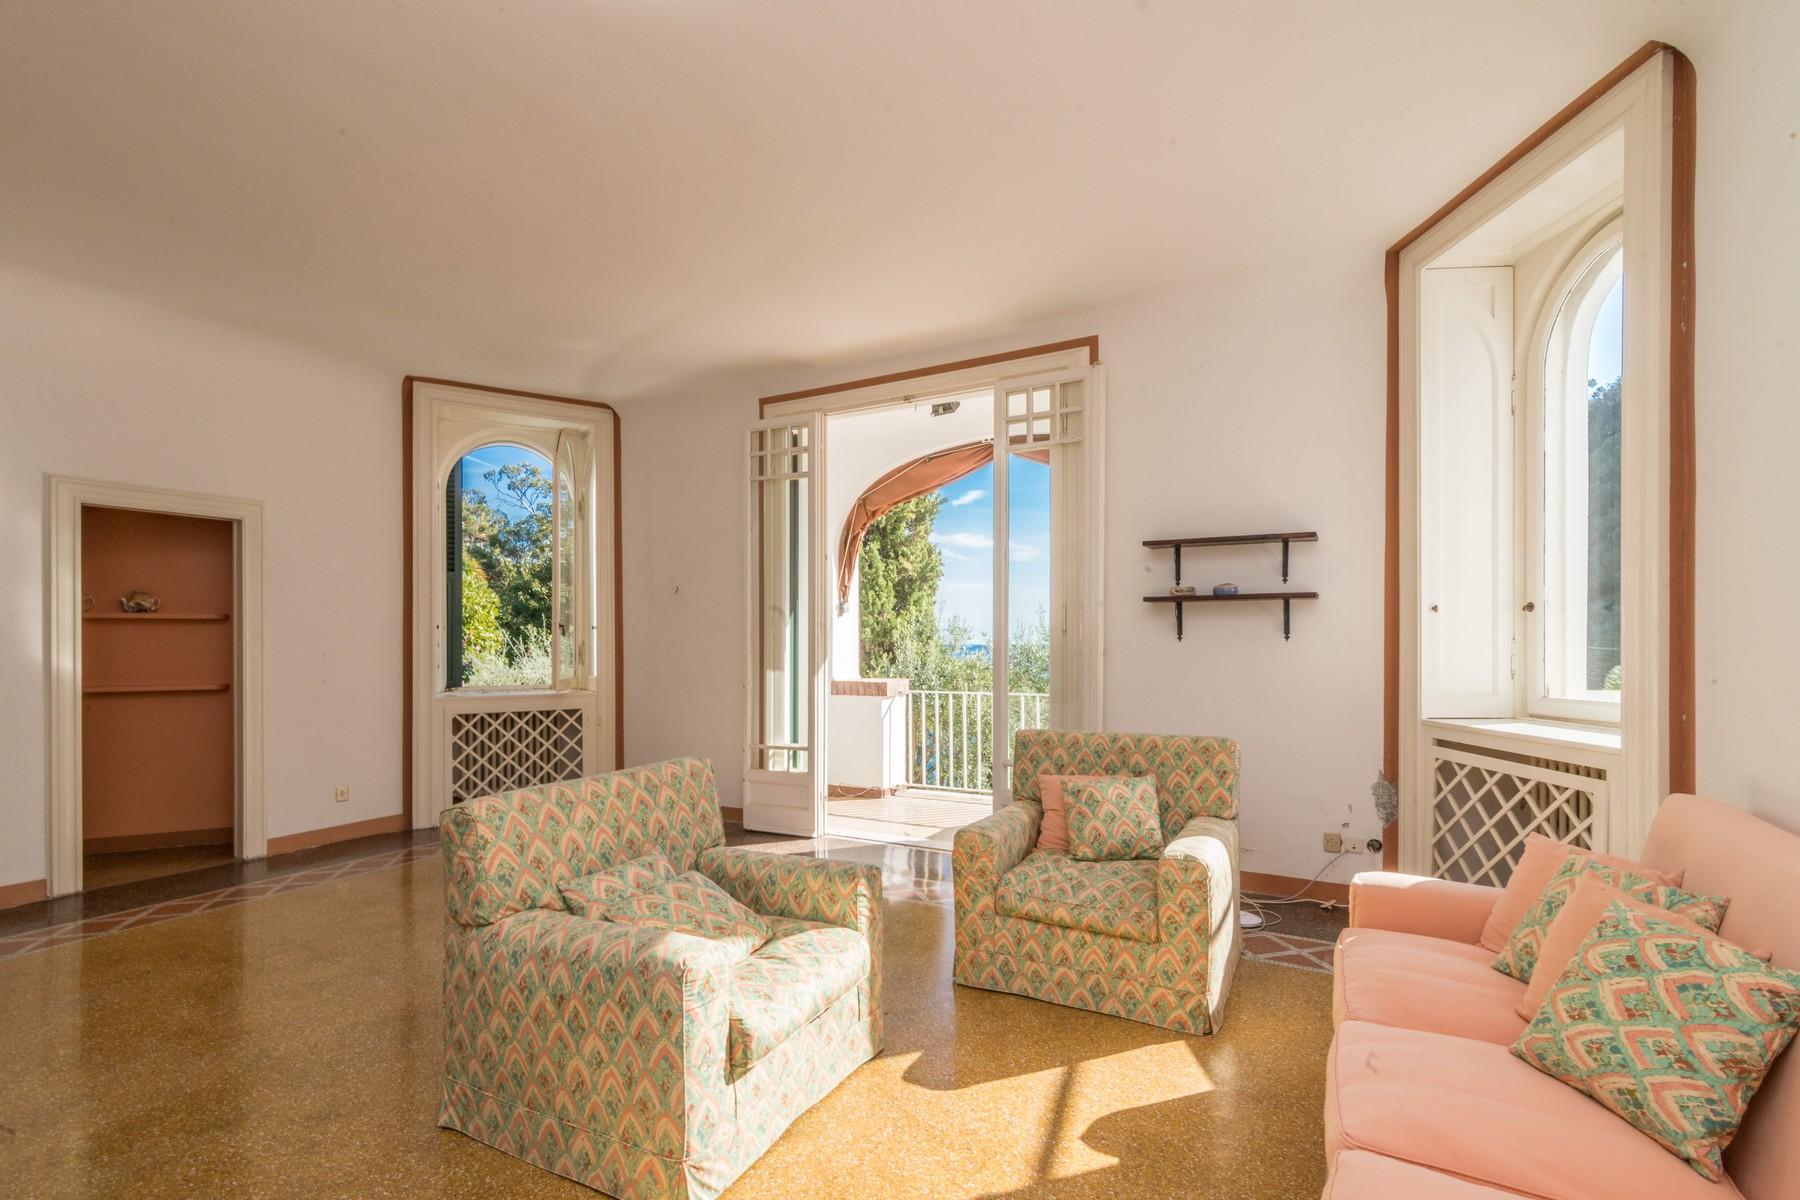 Appartamento in Vendita a Santa Margherita Ligure: 5 locali, 230 mq - Foto 17